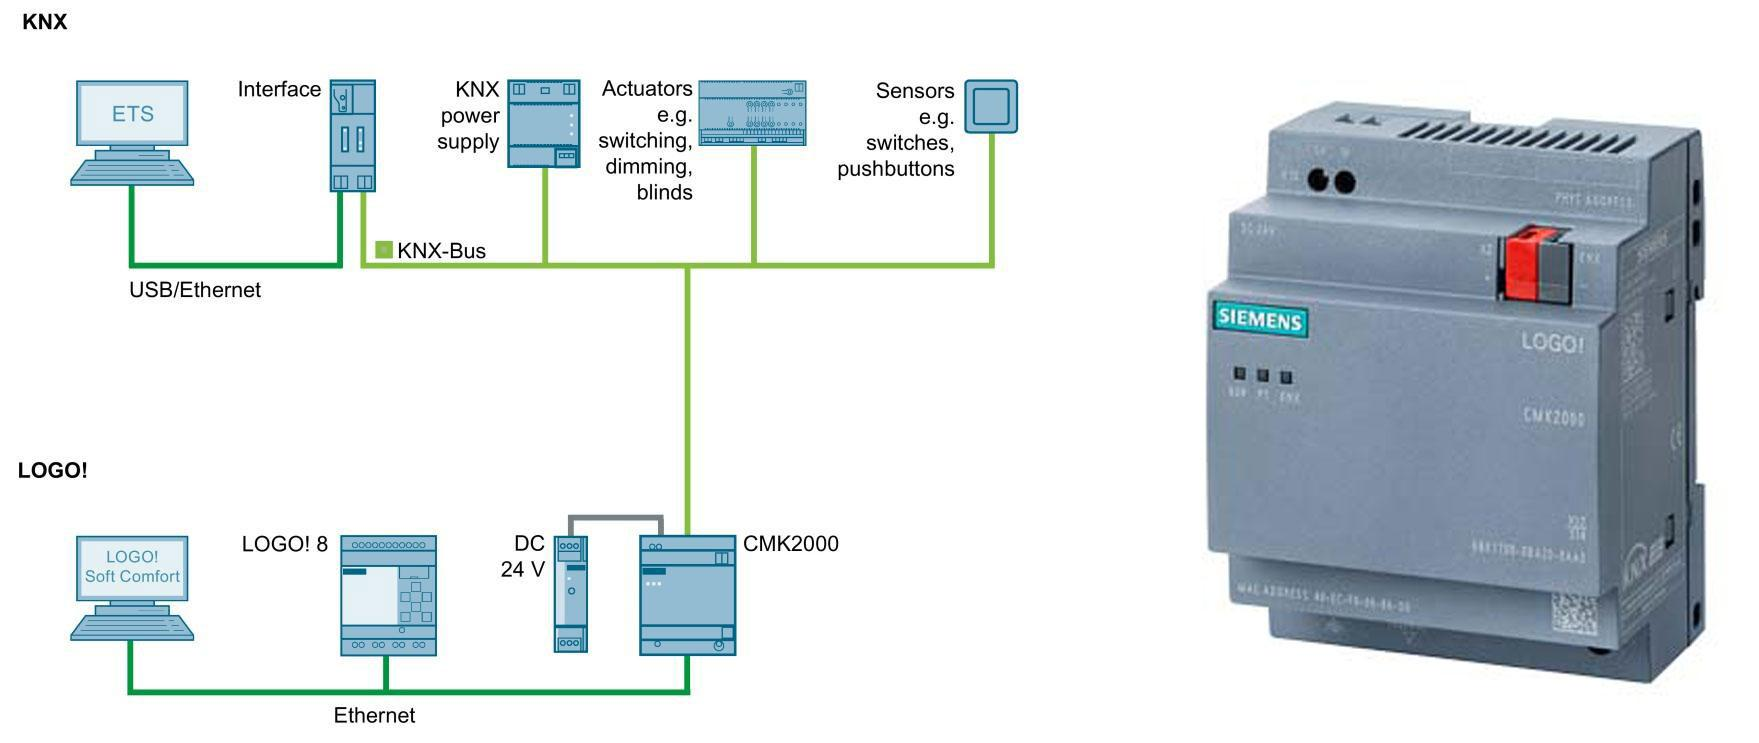 اتصال لوگو به شبکه KNX